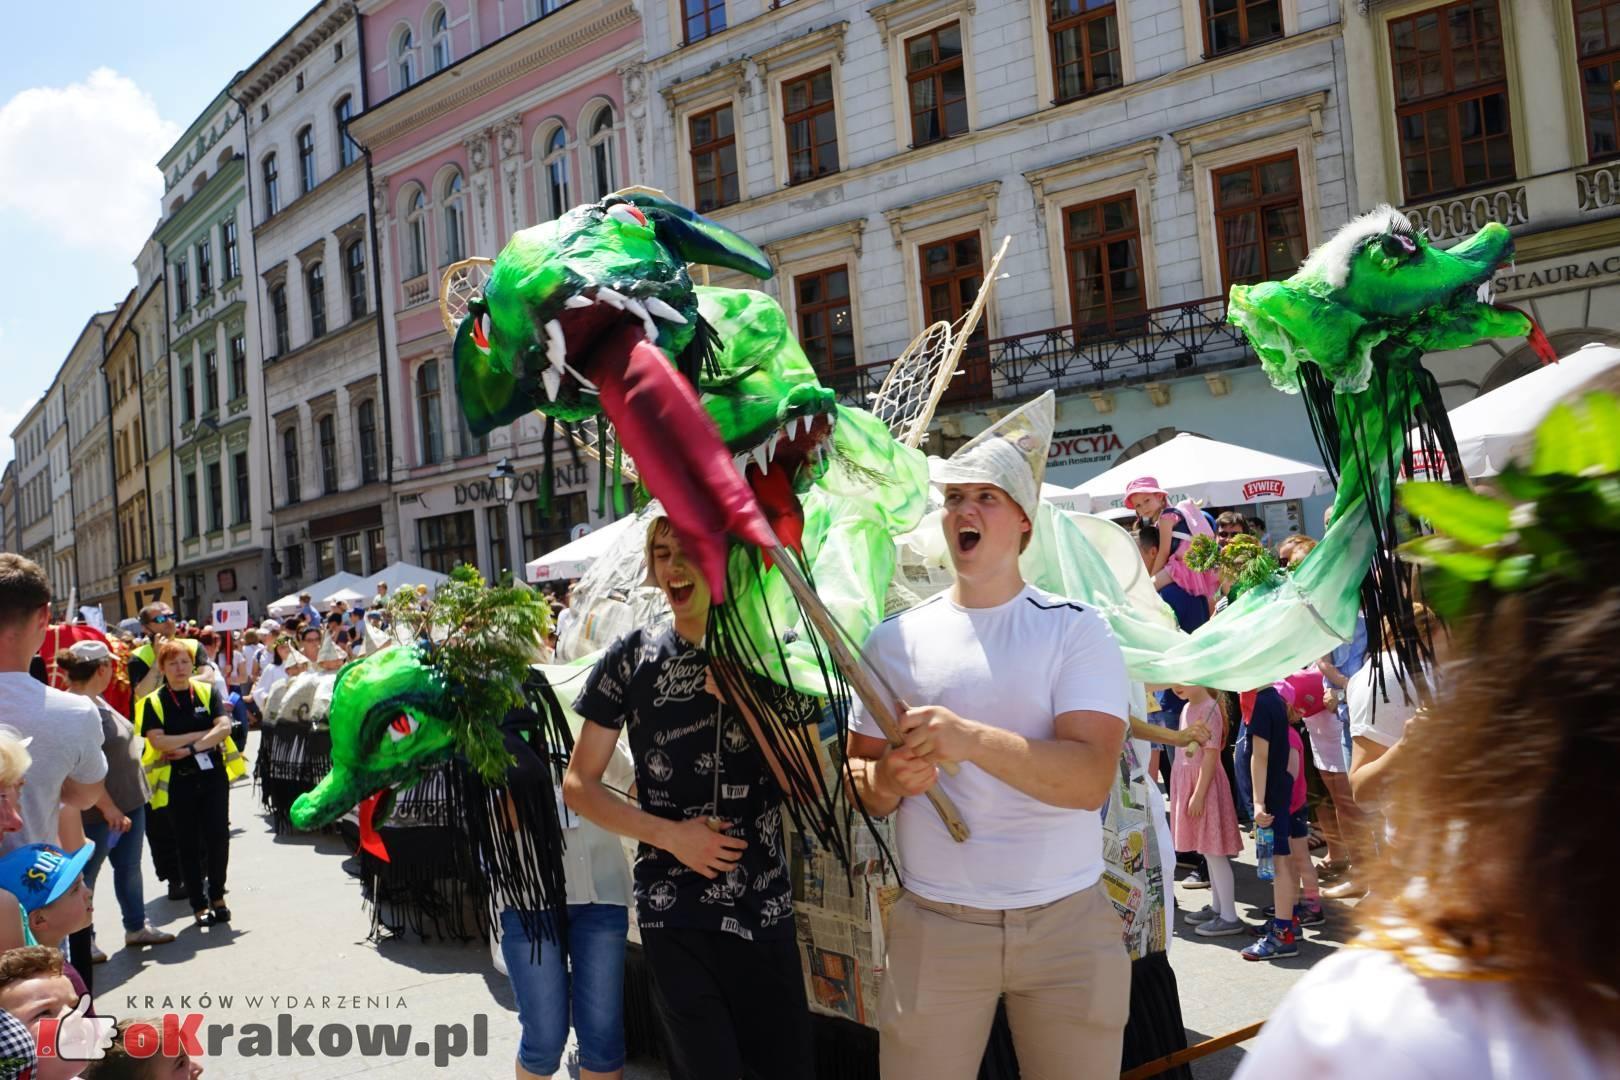 wielka parada smokow przeszla przez krakow w 40 smokow do okola swiata 2019 59 150x150 - Parada Smoków przeszła przez Kraków. Obszerna galeria zdjęć - 2 czerwca 2019 w Krakowie